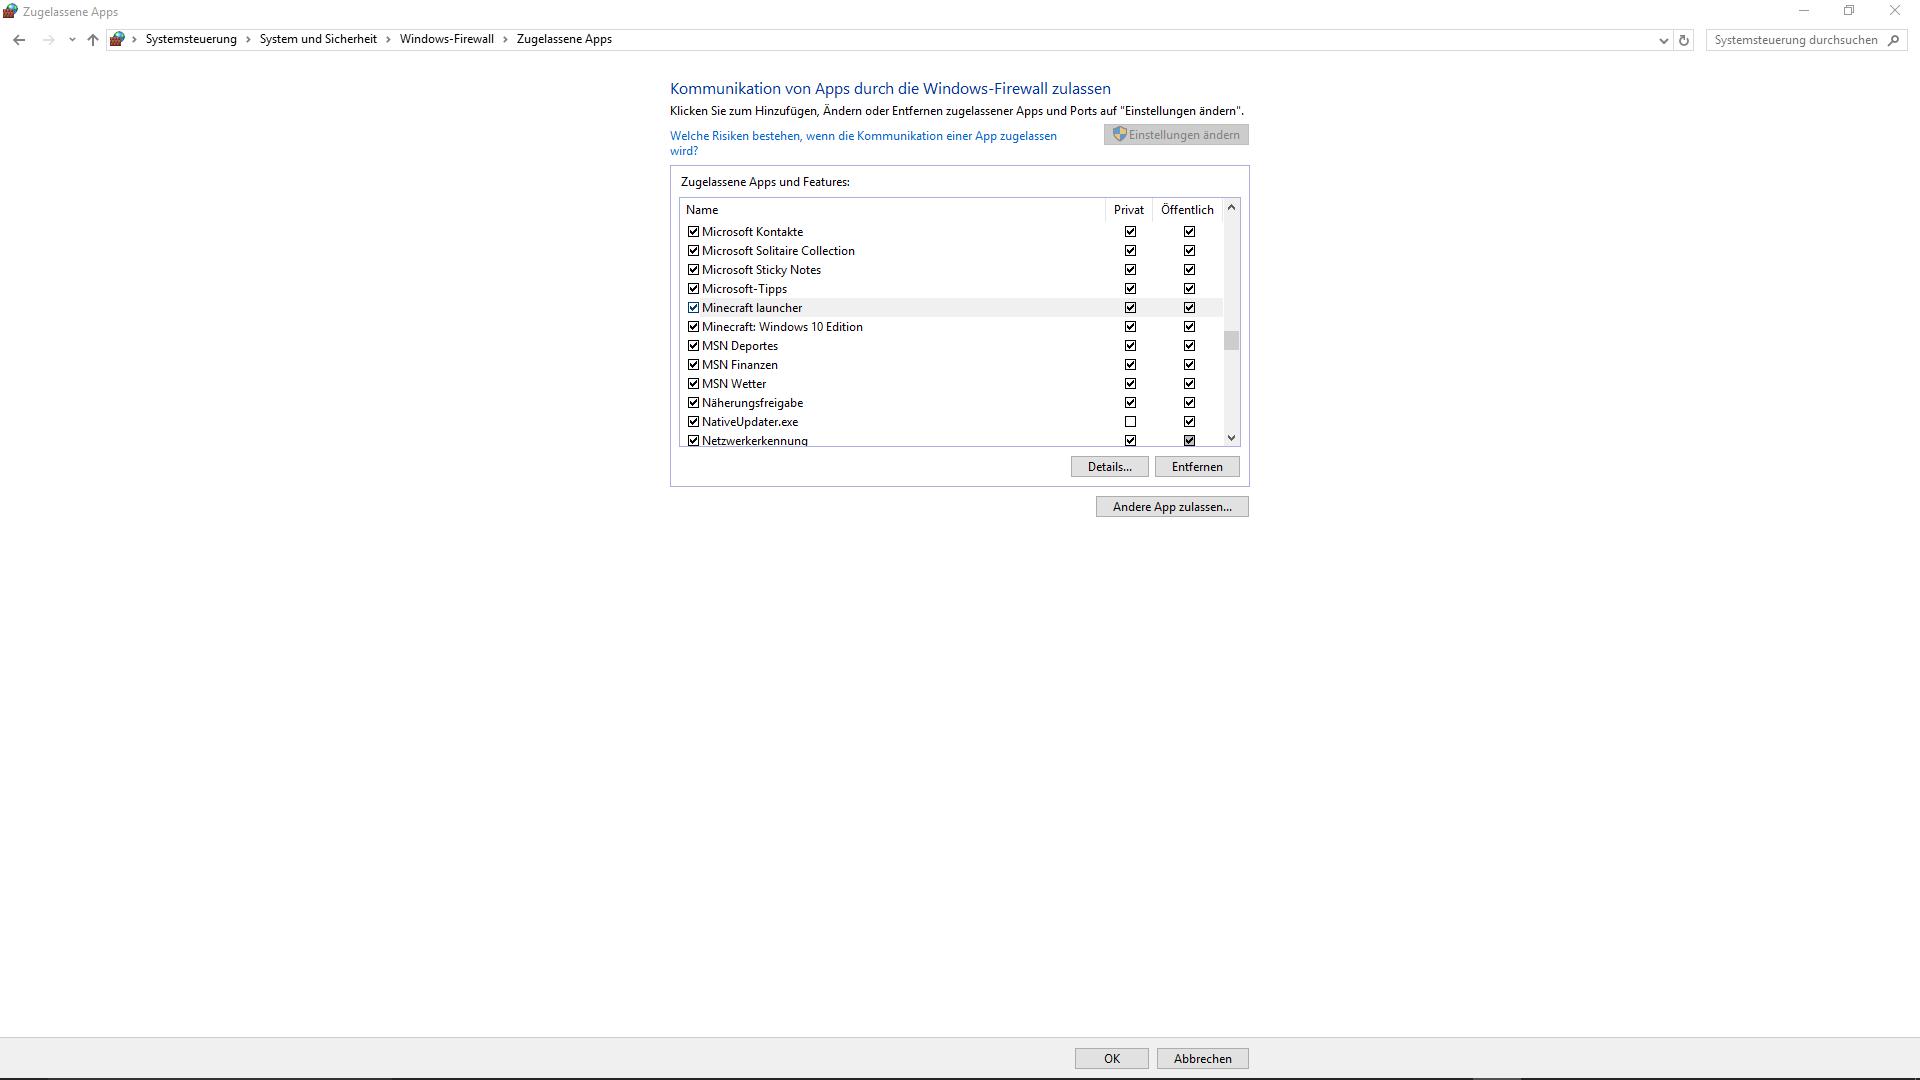 MCL Die Verbindung Zum Server Konnte Nicht Hergestellt Werden - Minecraft windows 10 edition namen andern